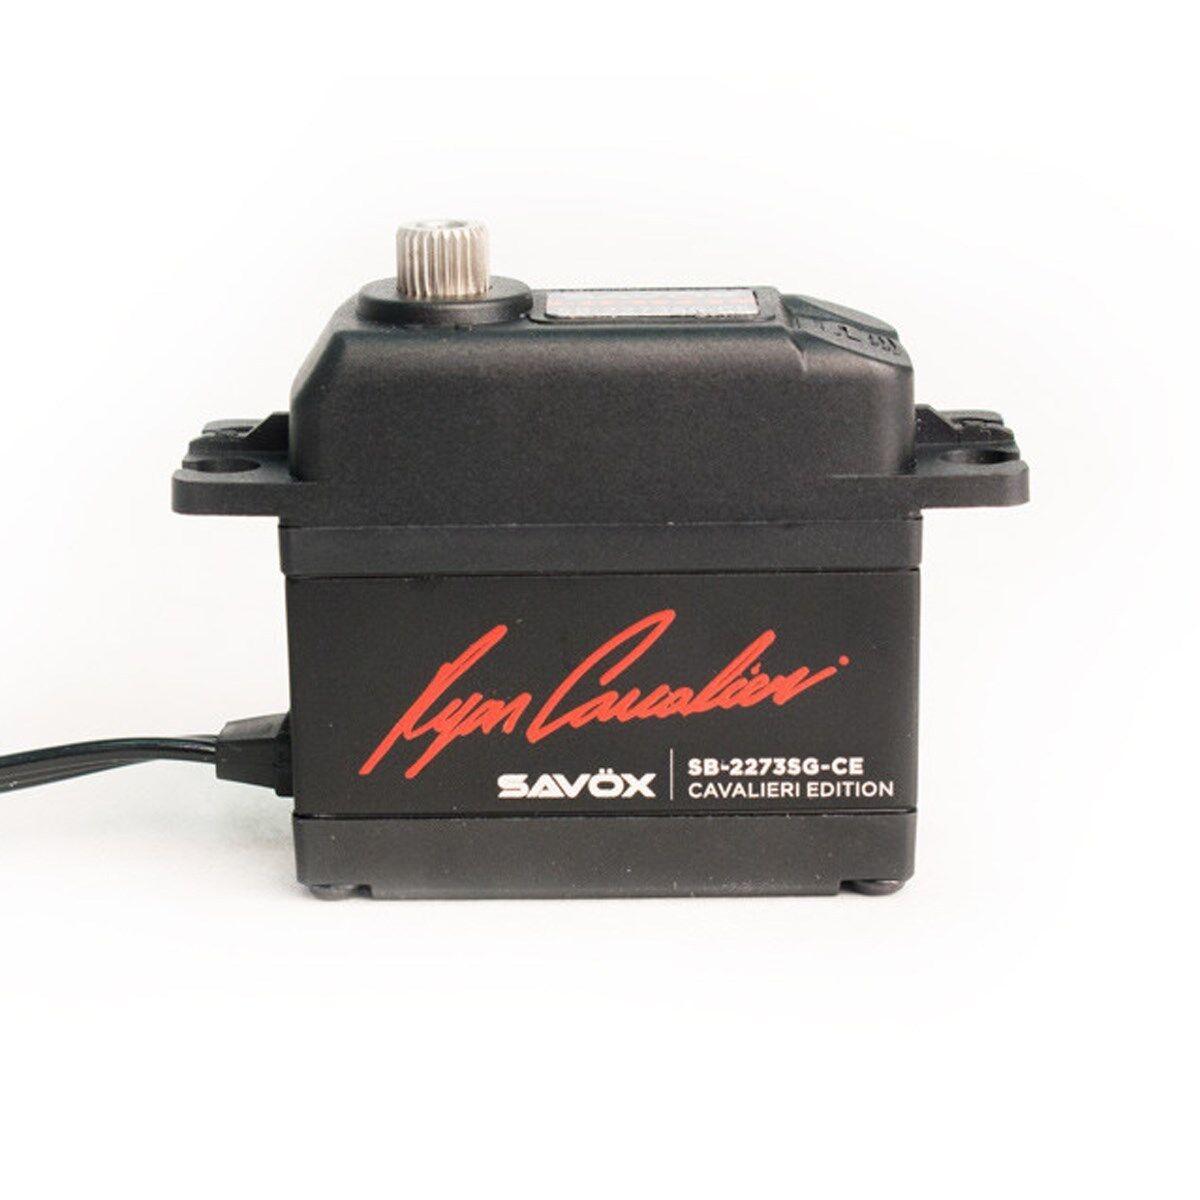 Savox - Ryan Cavalieri edizione HV Brushless Digital Servo - SAVSB2273SG-CE